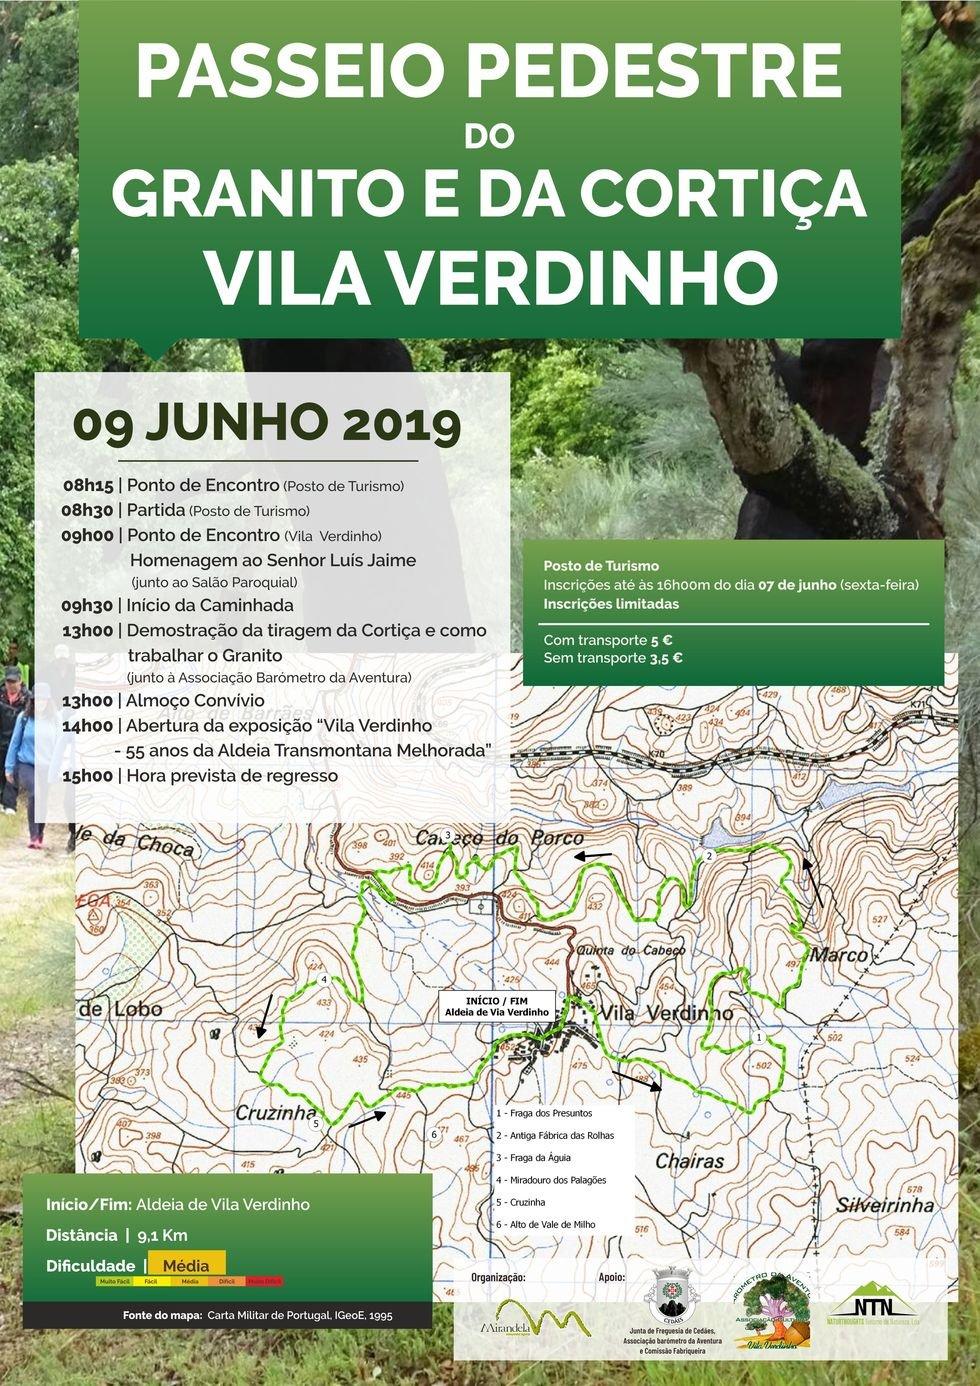 Passeio Pedestre: Vila Verdinho